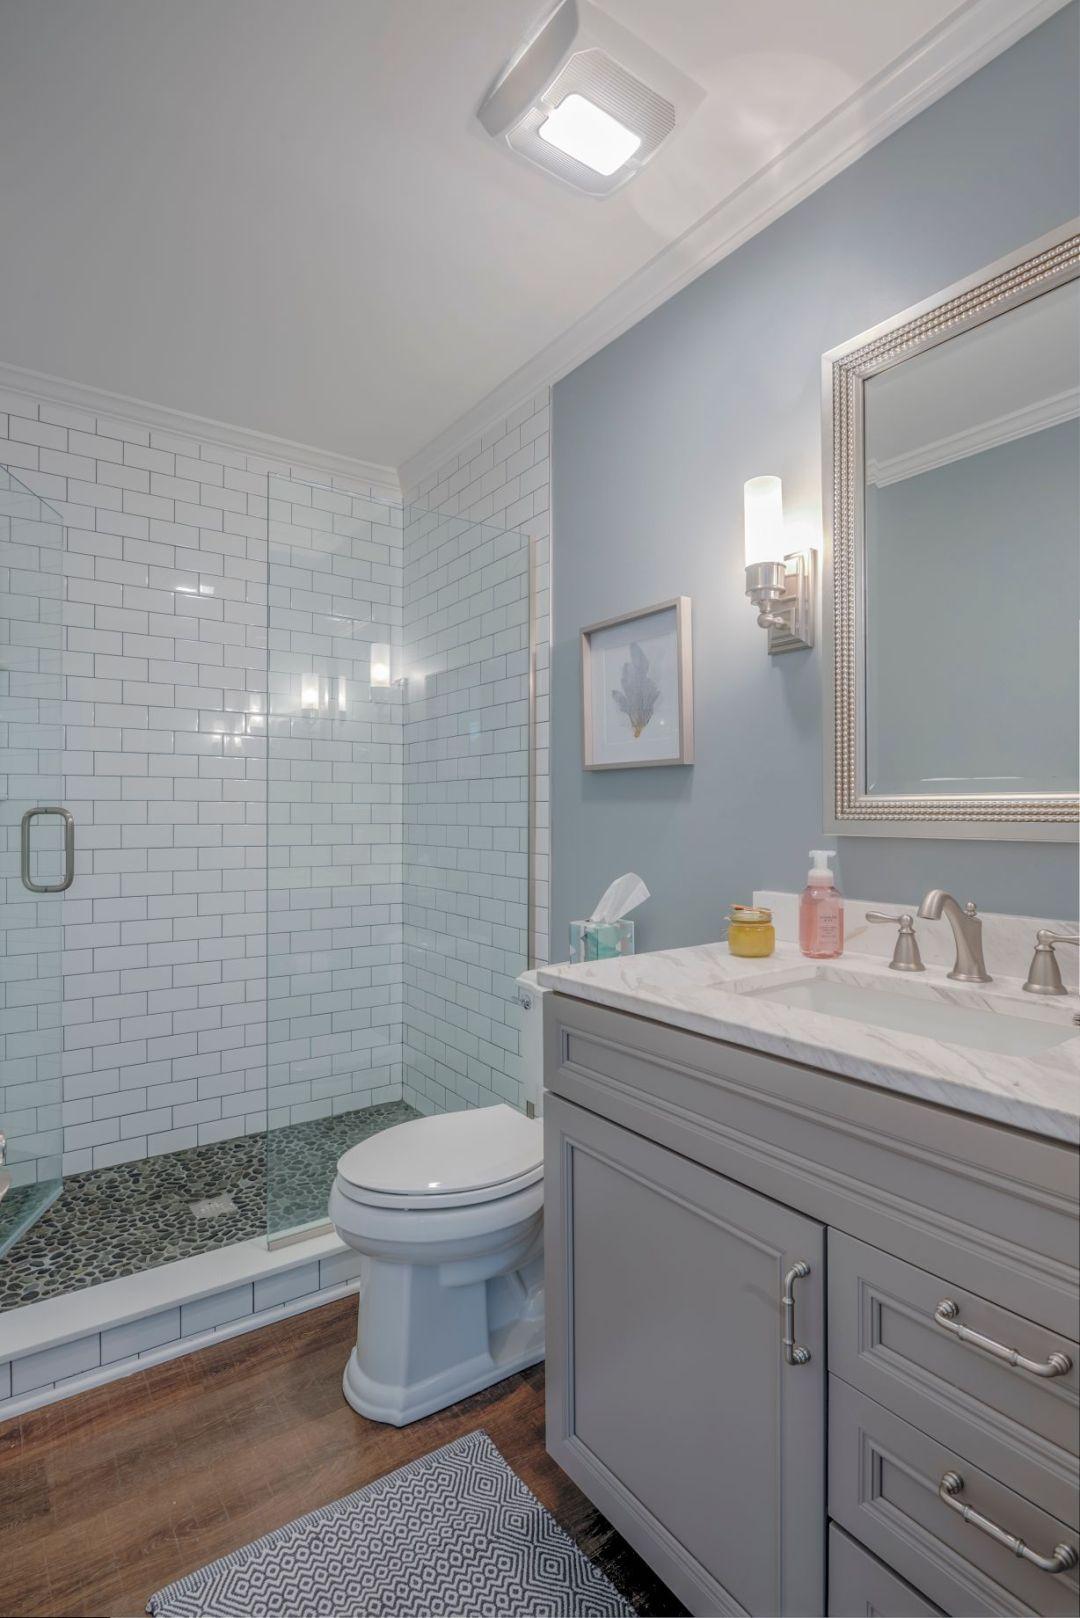 Bathroom Remodel in Kings Grant, Fenwick Island DE with Greyloft Maple Vanities